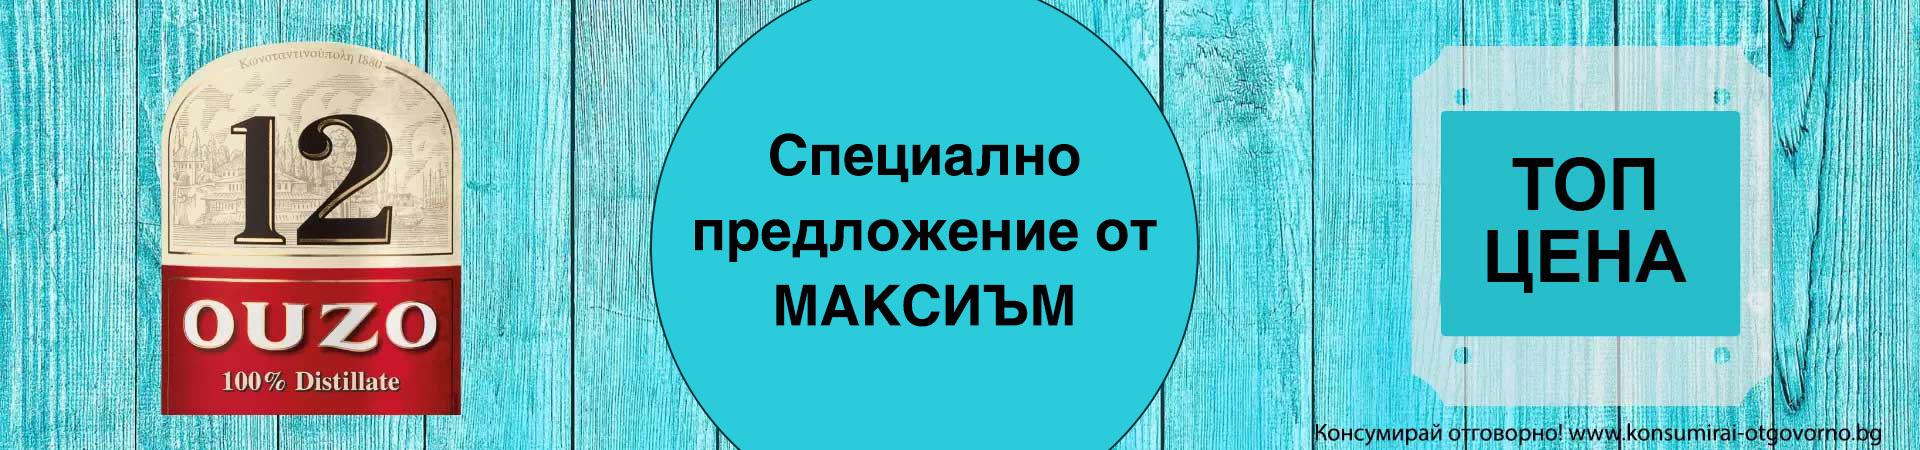 Максиъм Столичная